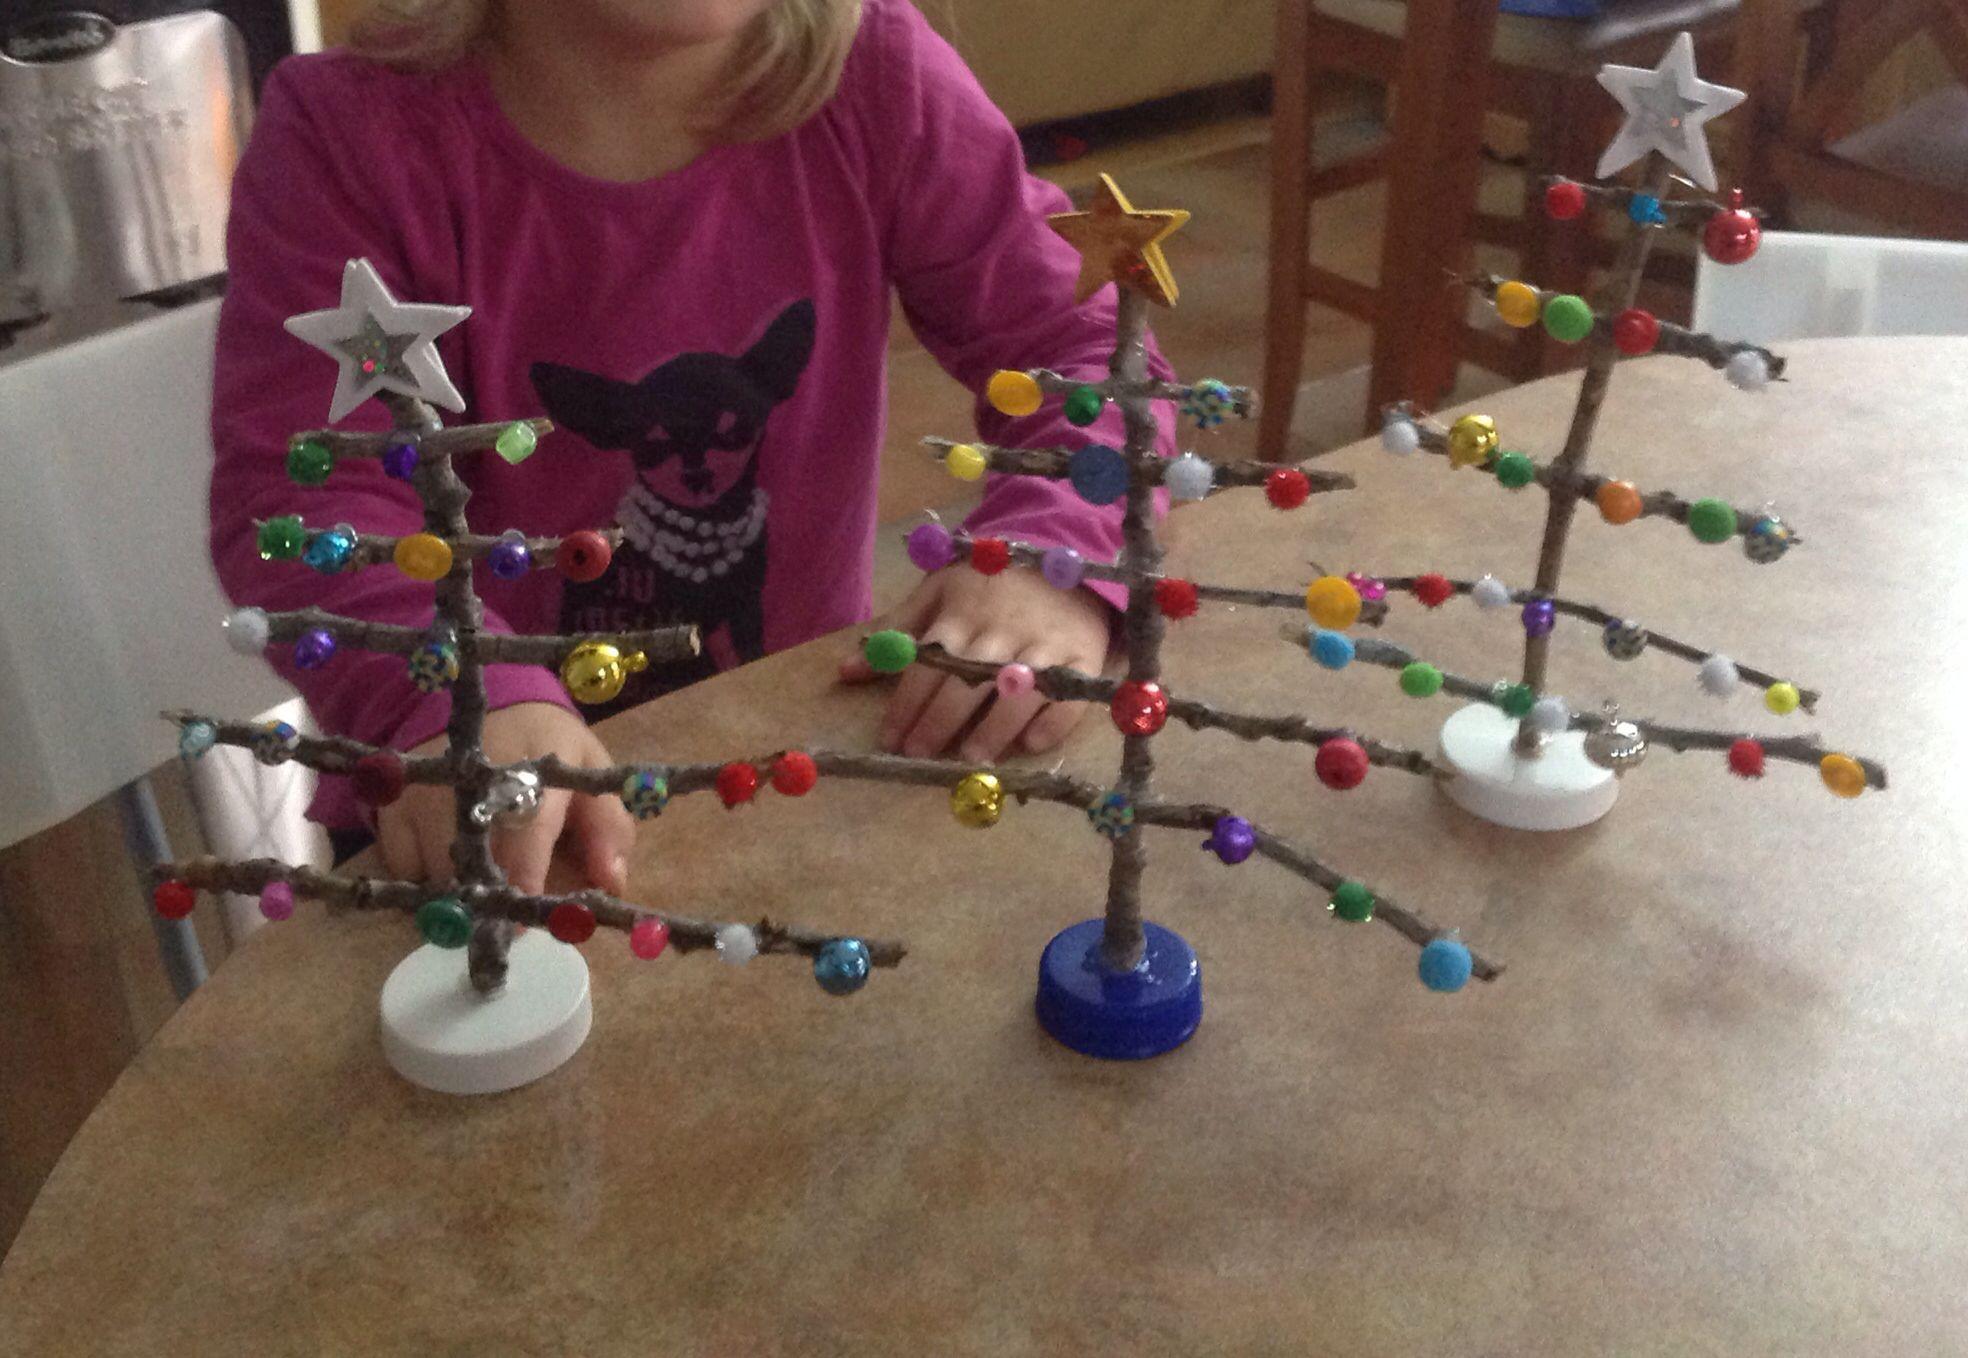 Branche D Arbre Sapin De Noel sapins de noel fait avec branche d'arbres   branche d arbre